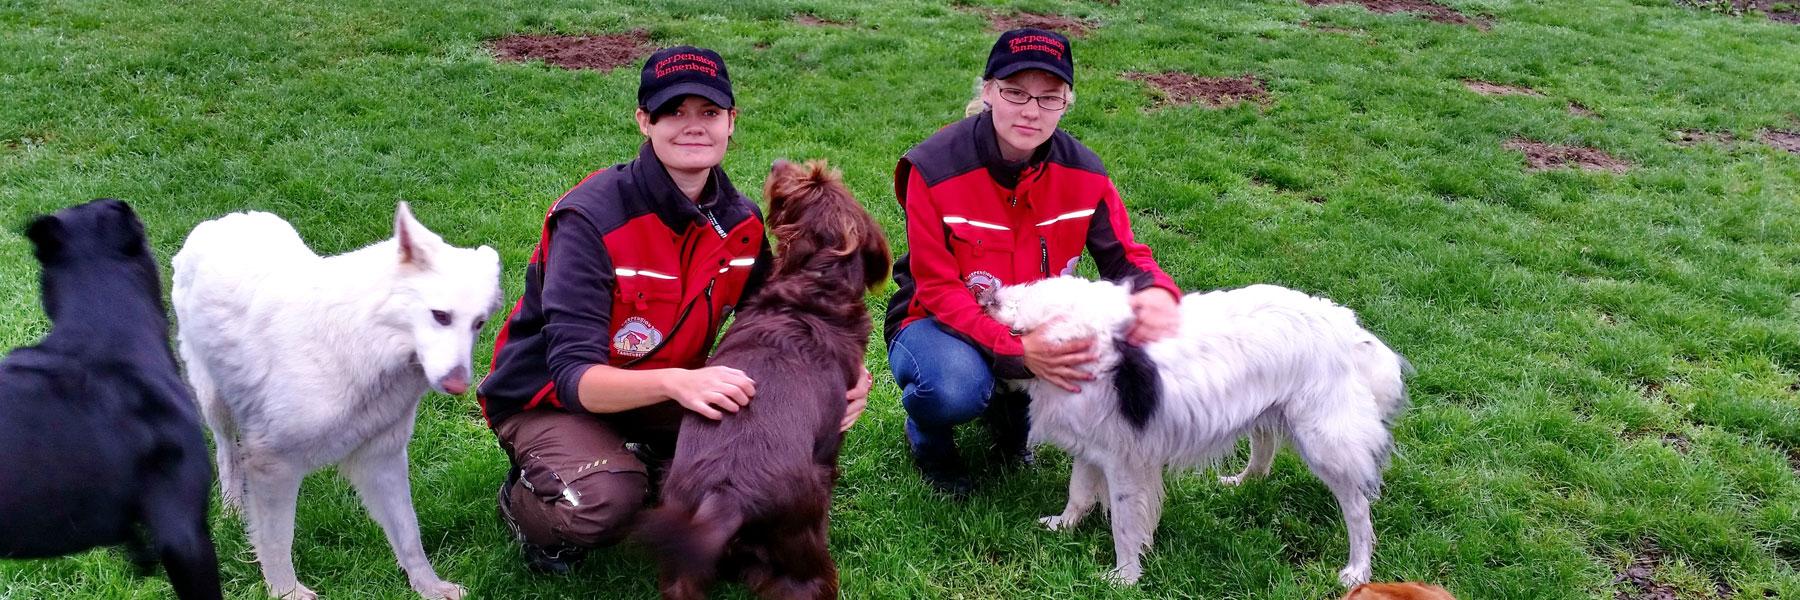 Hundebetreuung - Tierpension Tannenberg